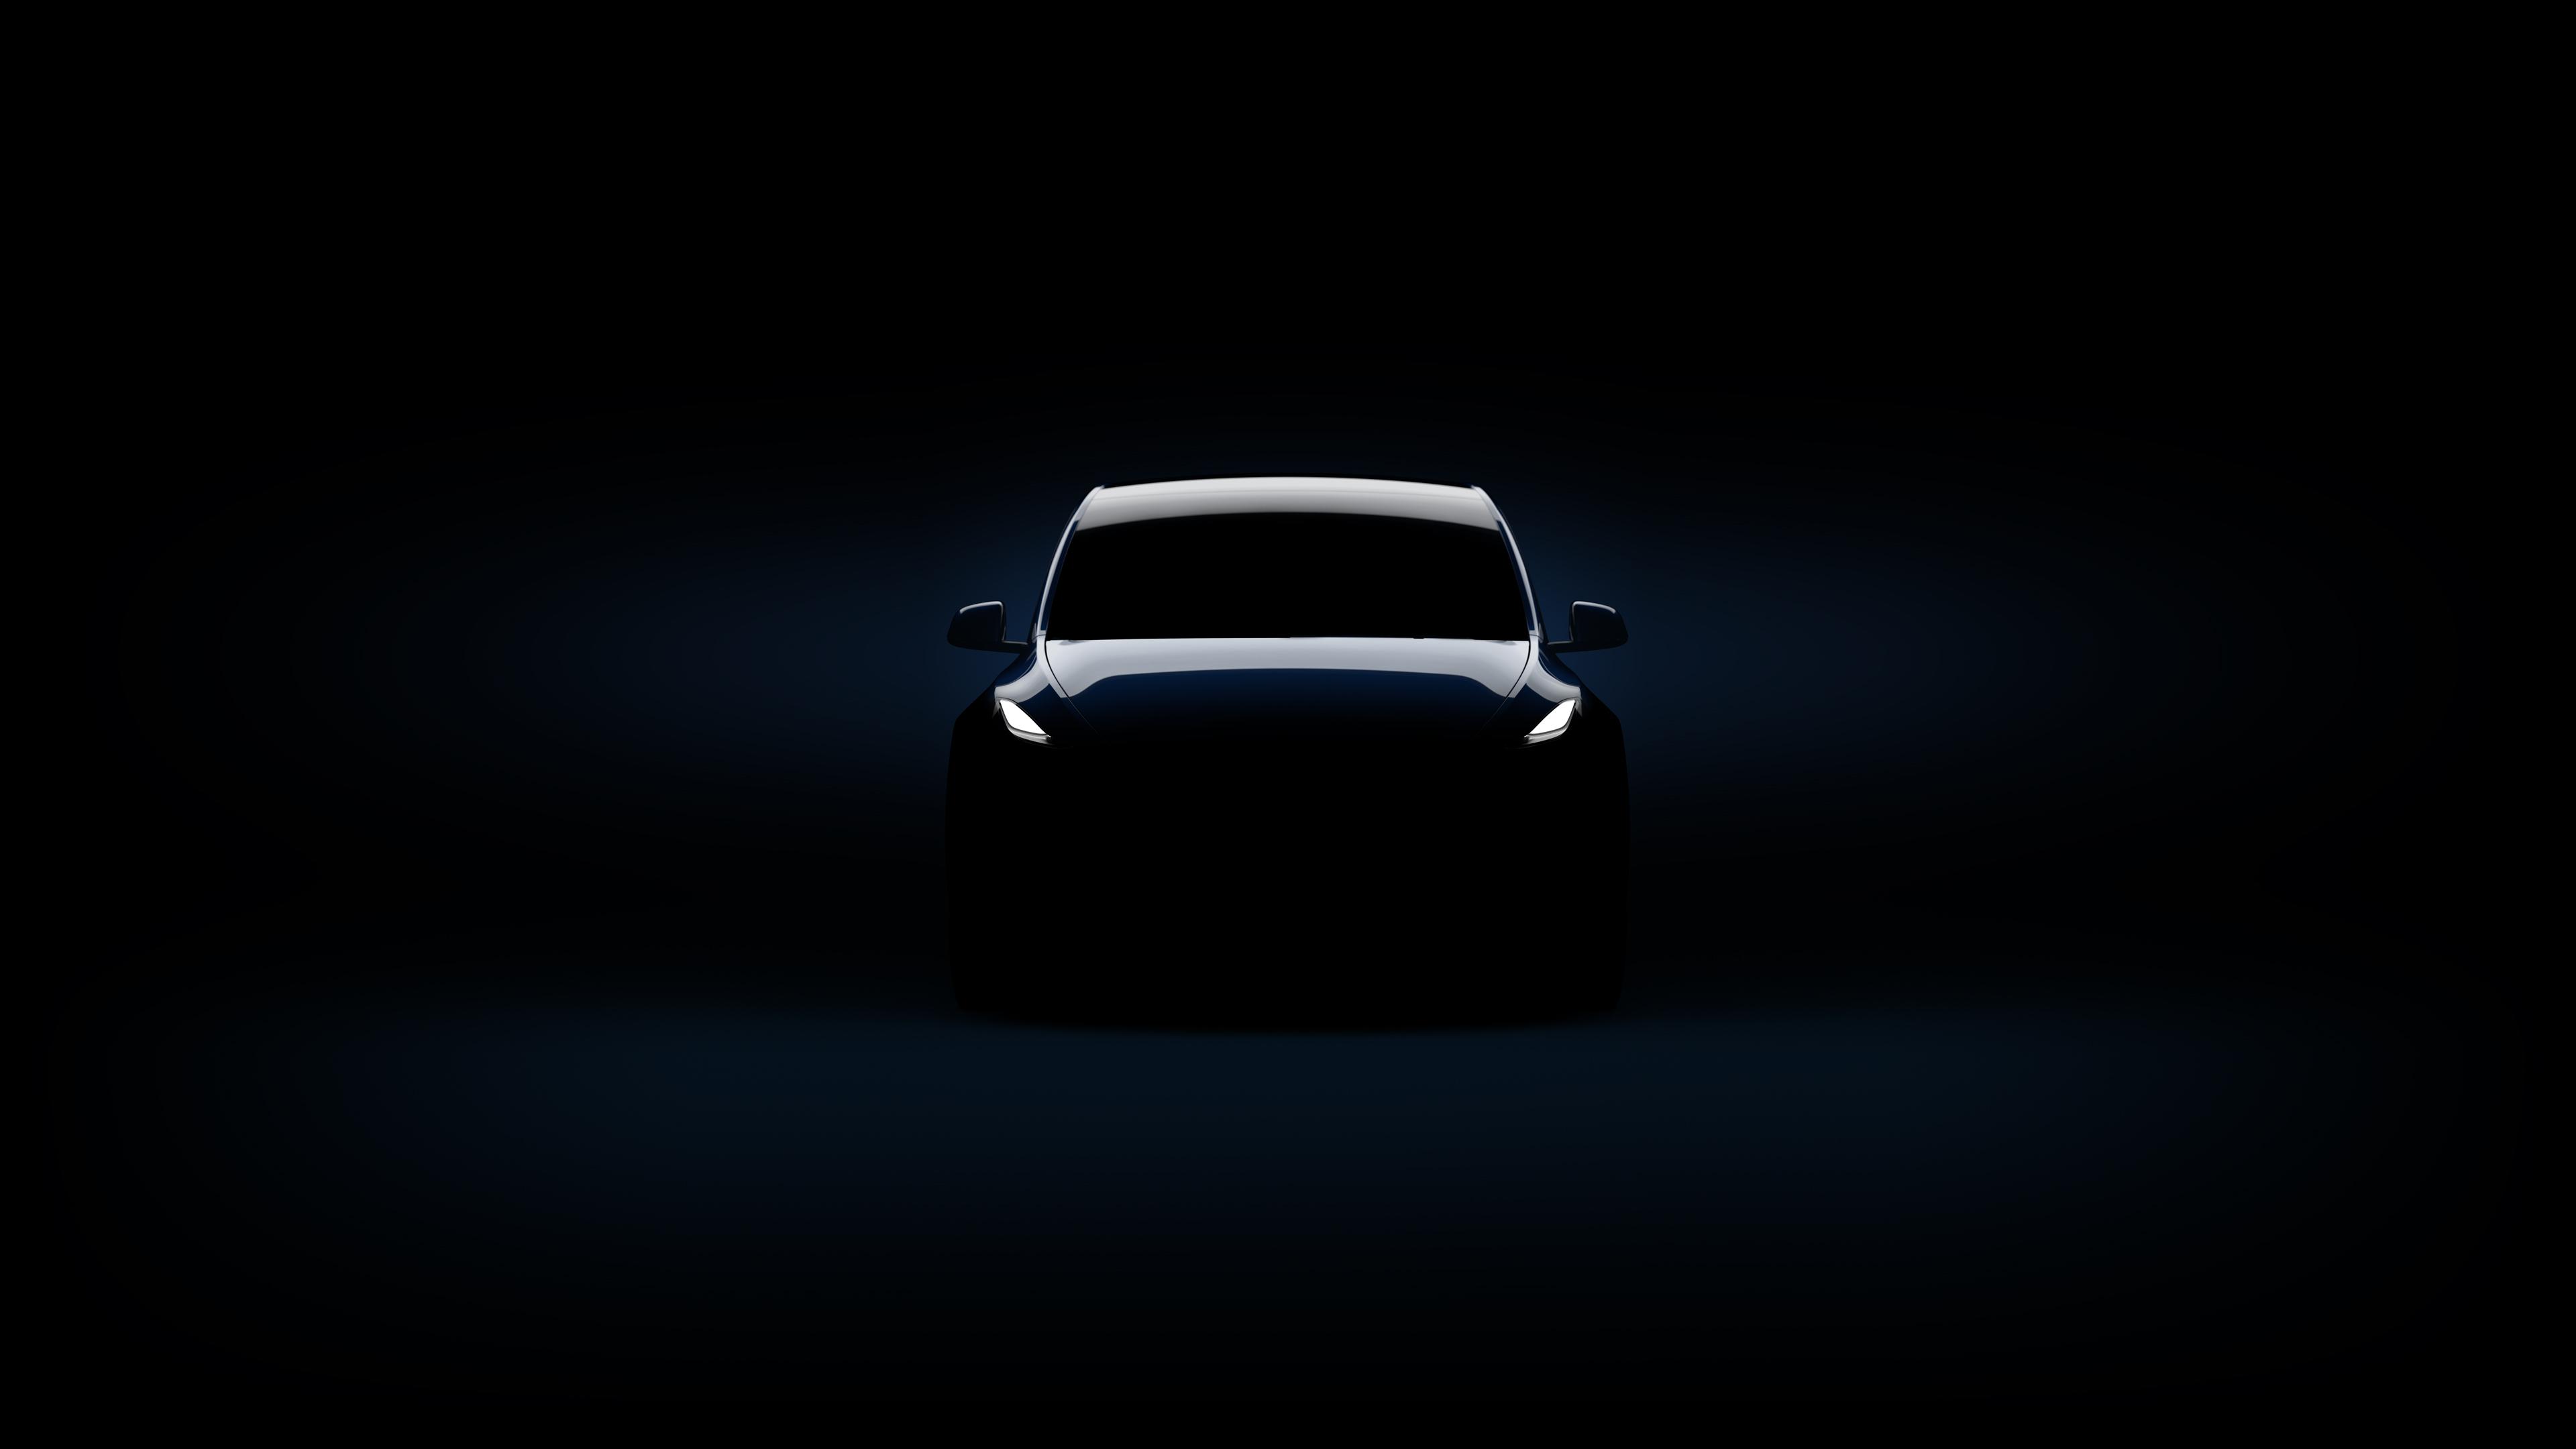 A Tesla Model Y in a dark room